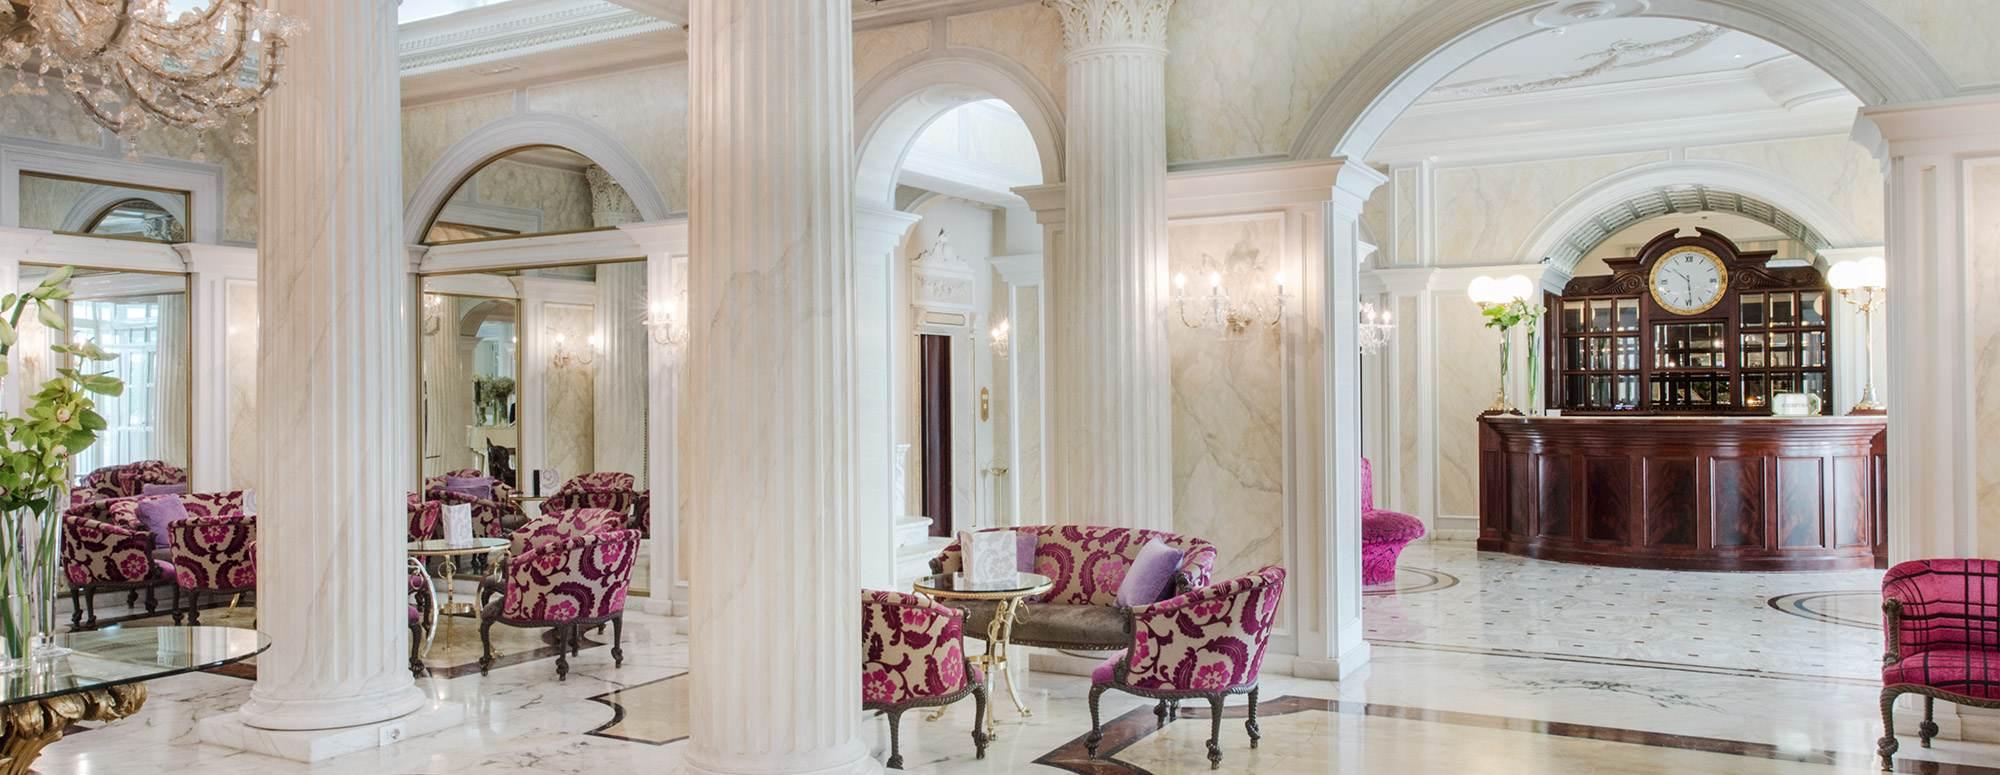 Hotel riccione 5 stelle centro benessere spa massaggi - Residence riccione con piscina ...